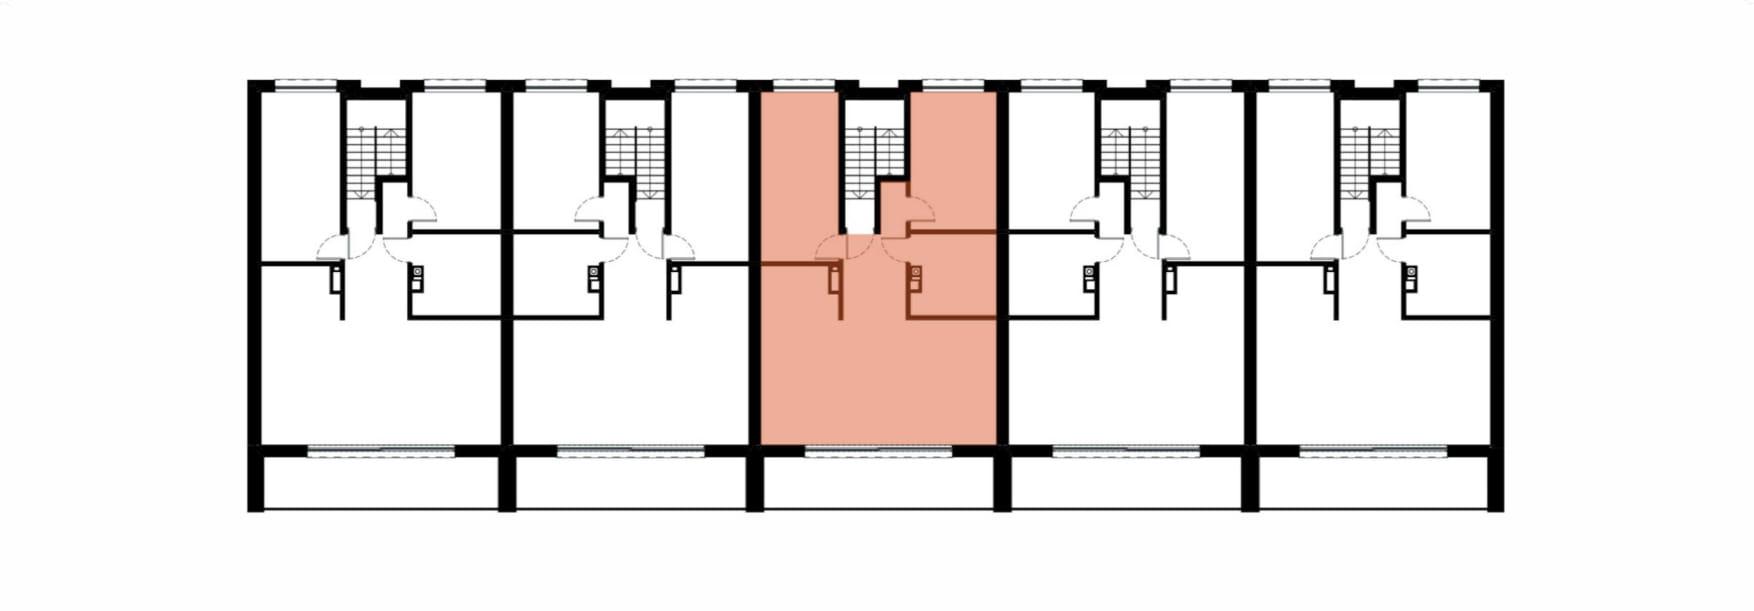 Apartamenty Kamienna / apartamenty inwestycyjne 3B rzut 2